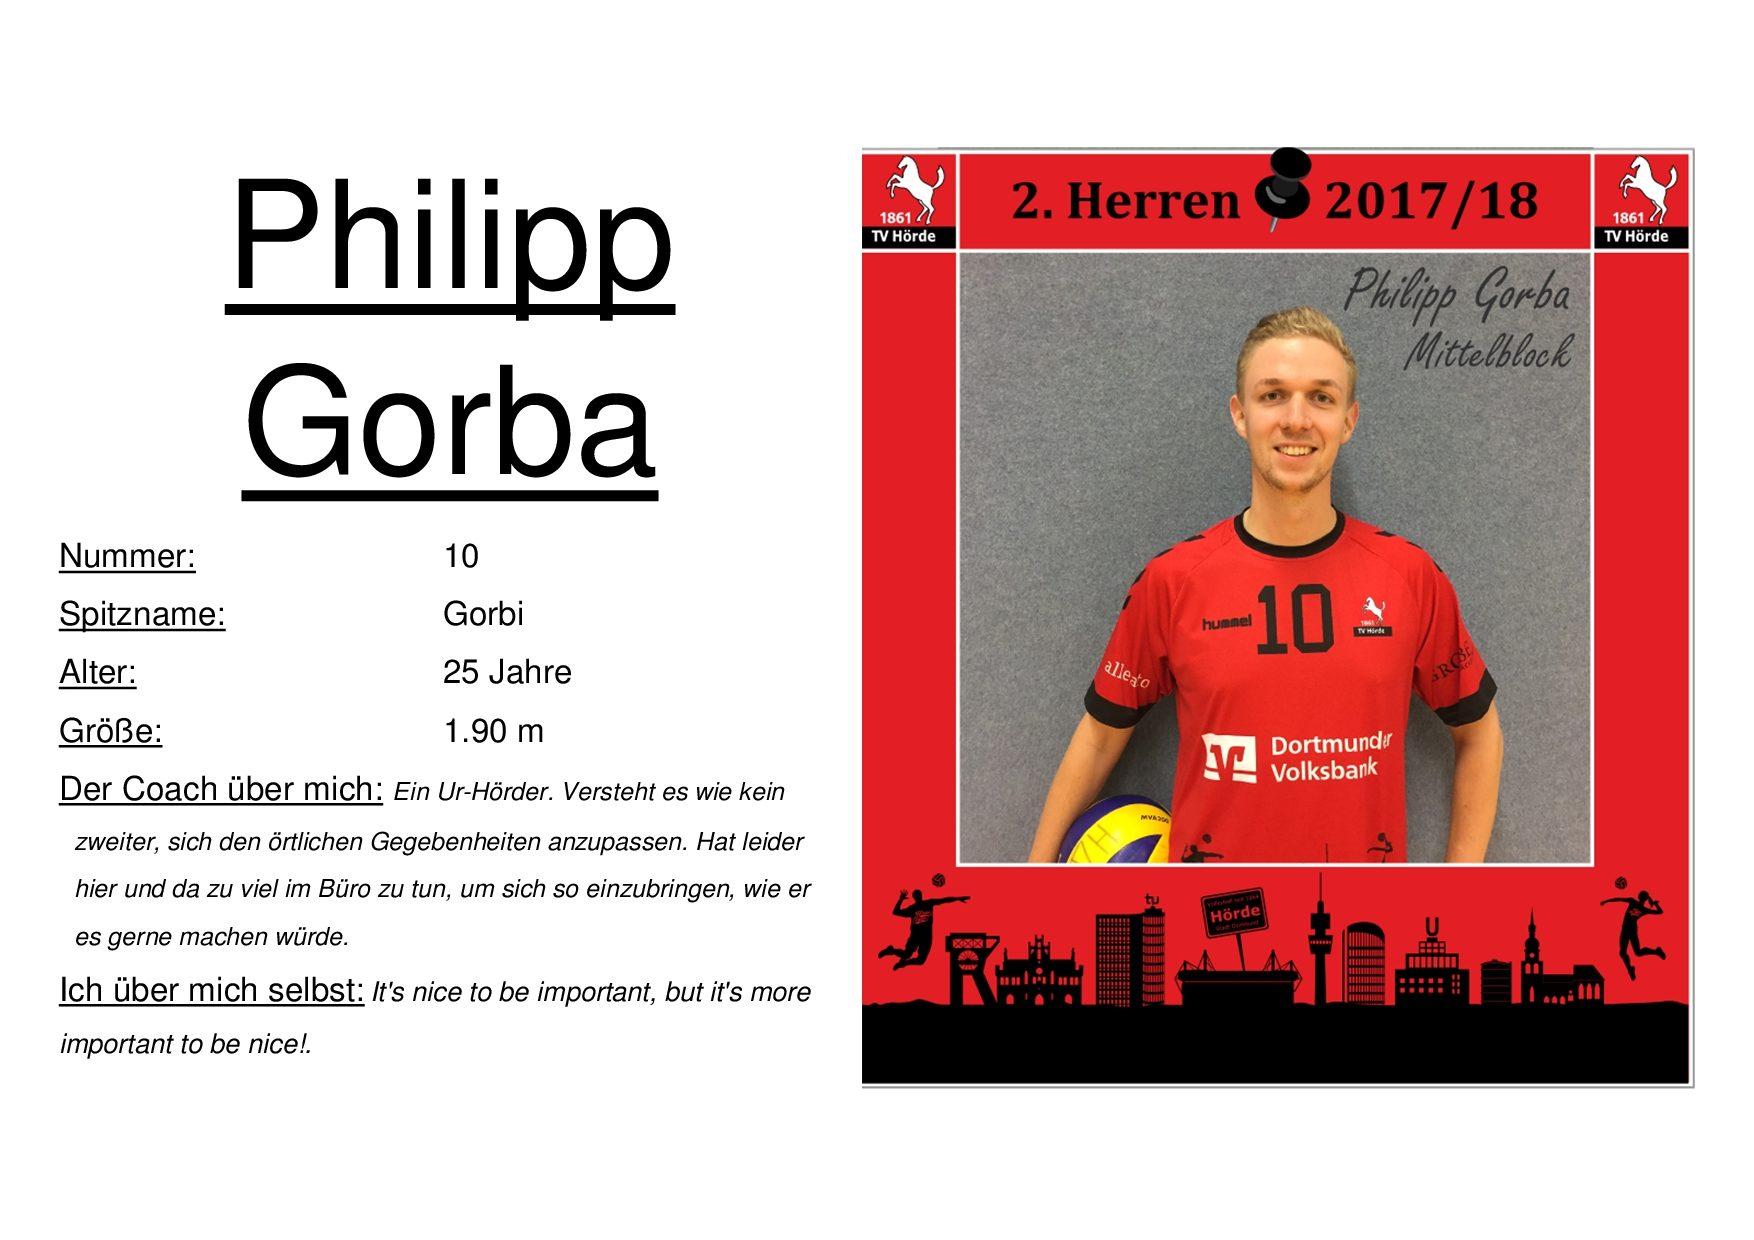 Philipp Gorba